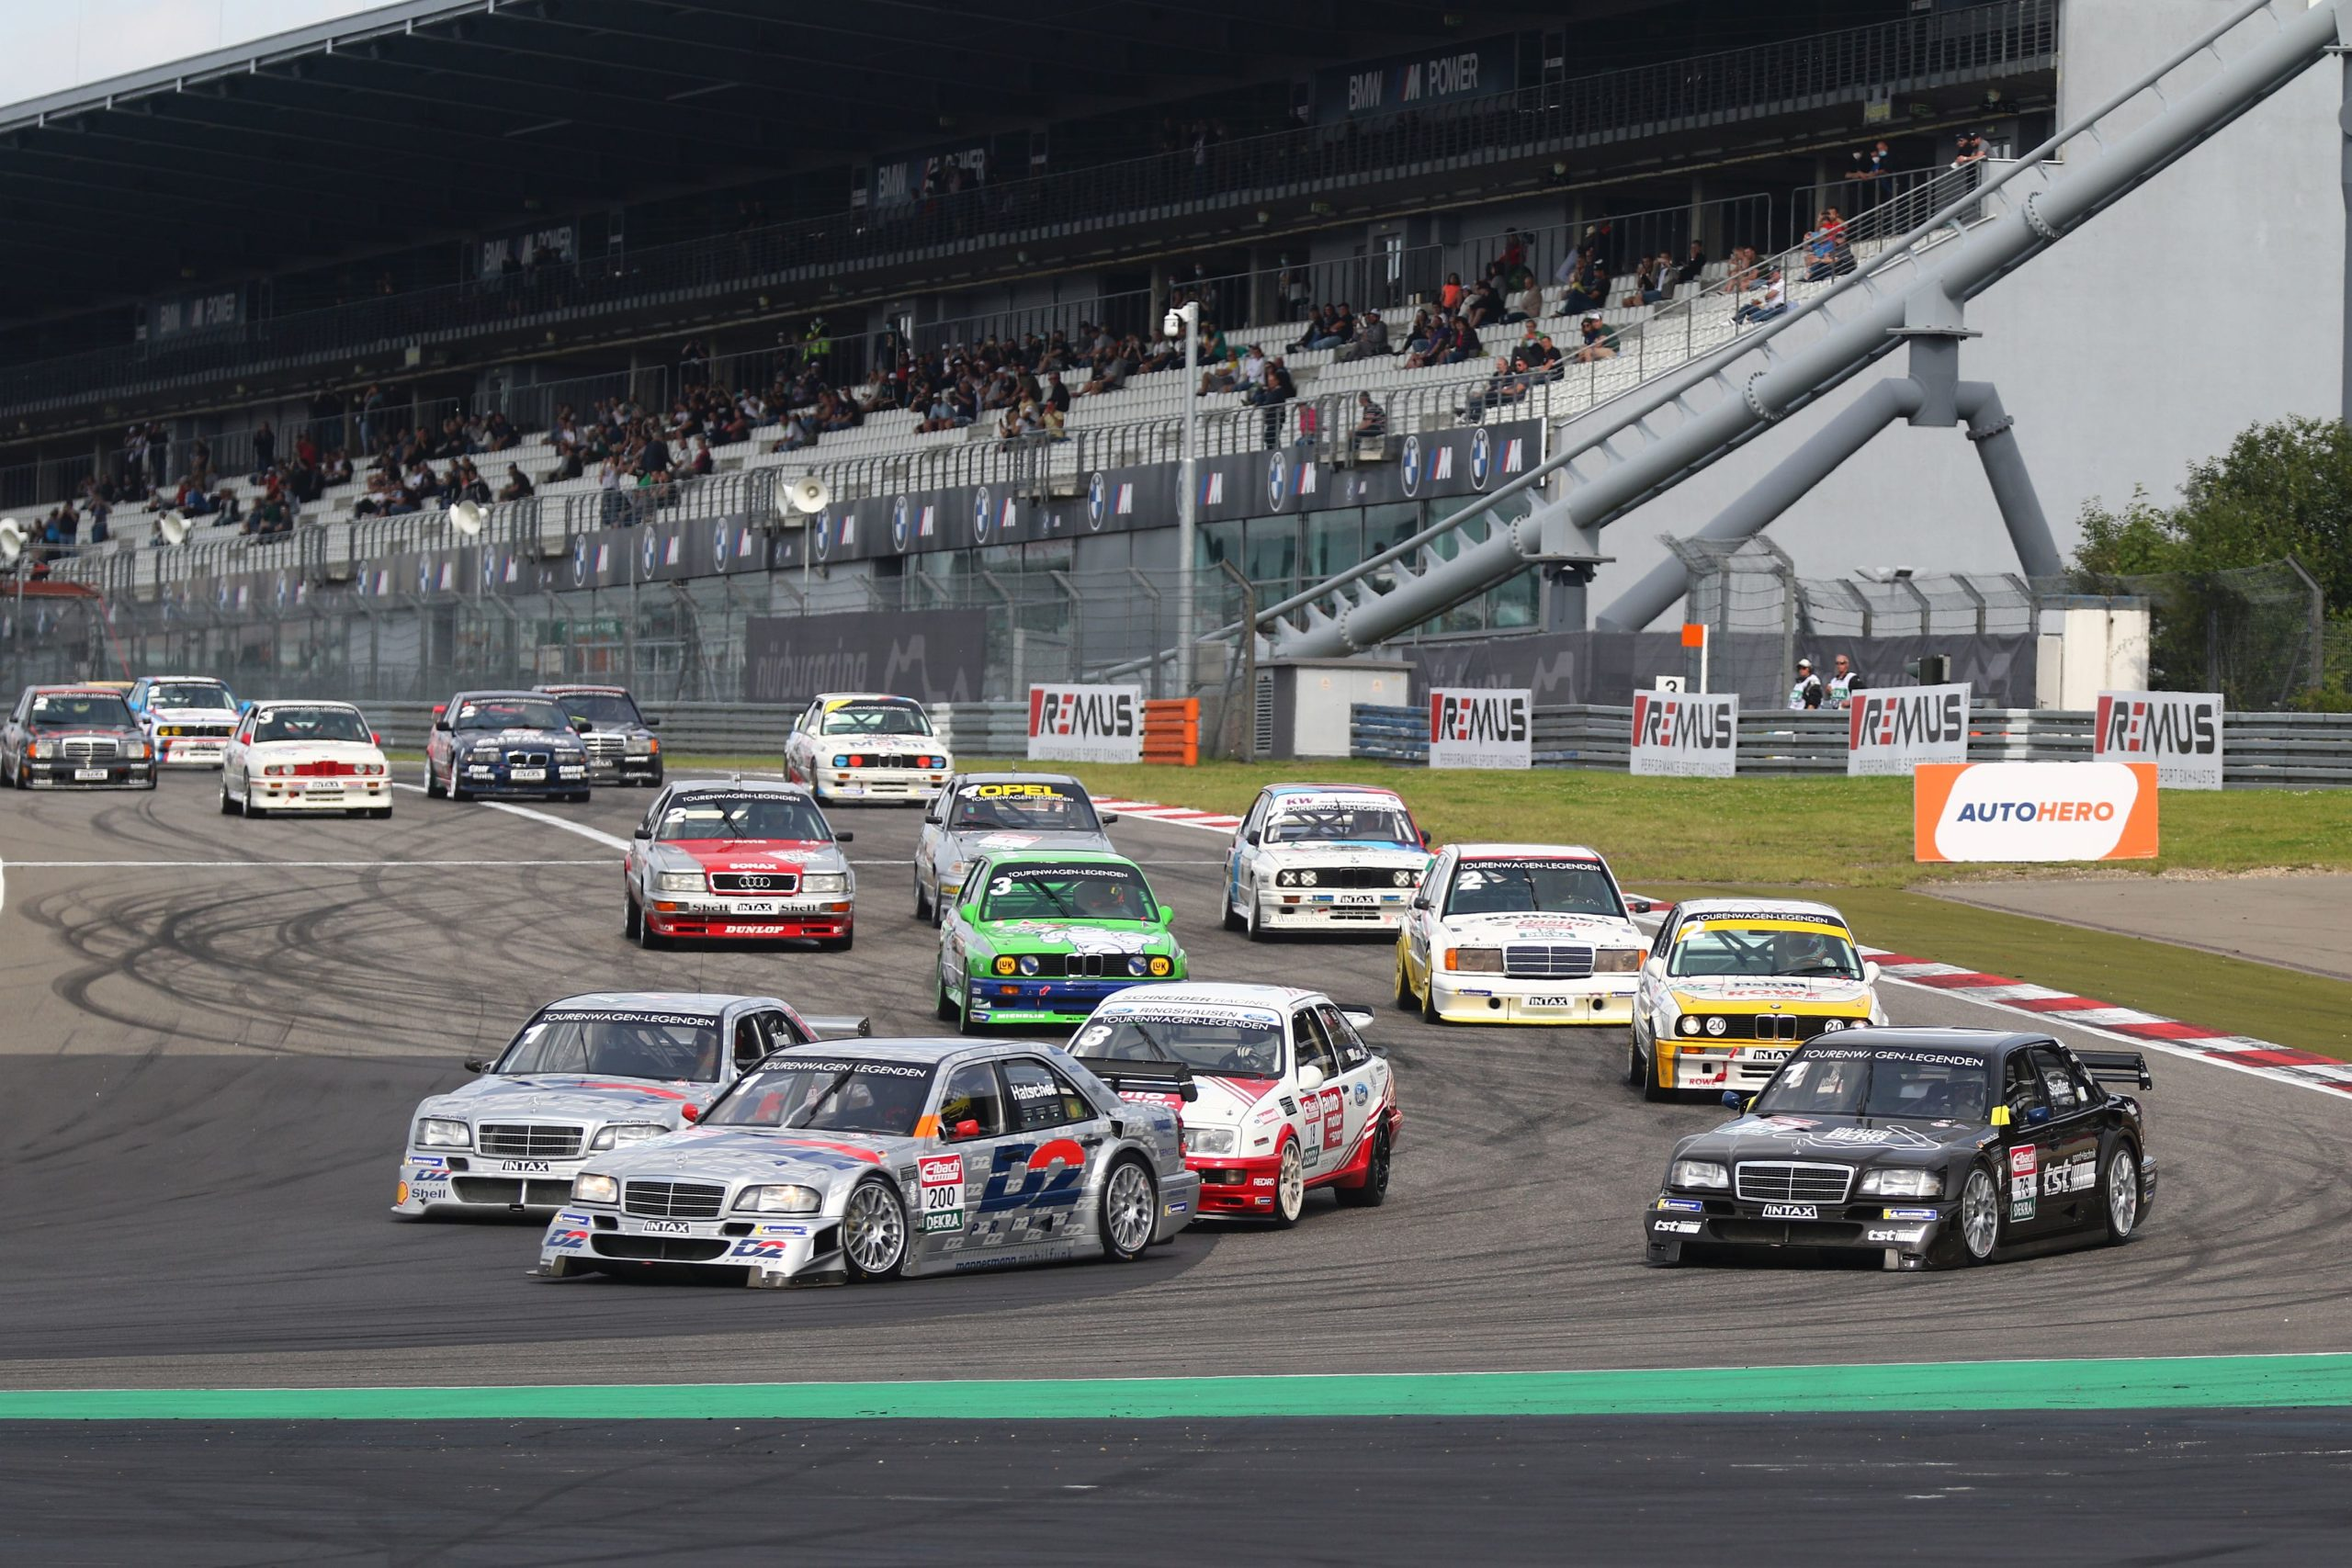 DTM Classic, Nürburgring: Rennerfolge und Wetterkapriolen auf dem Eifelkurs, DTM-Legende Klaus Ludwig schlägt erneut zu.